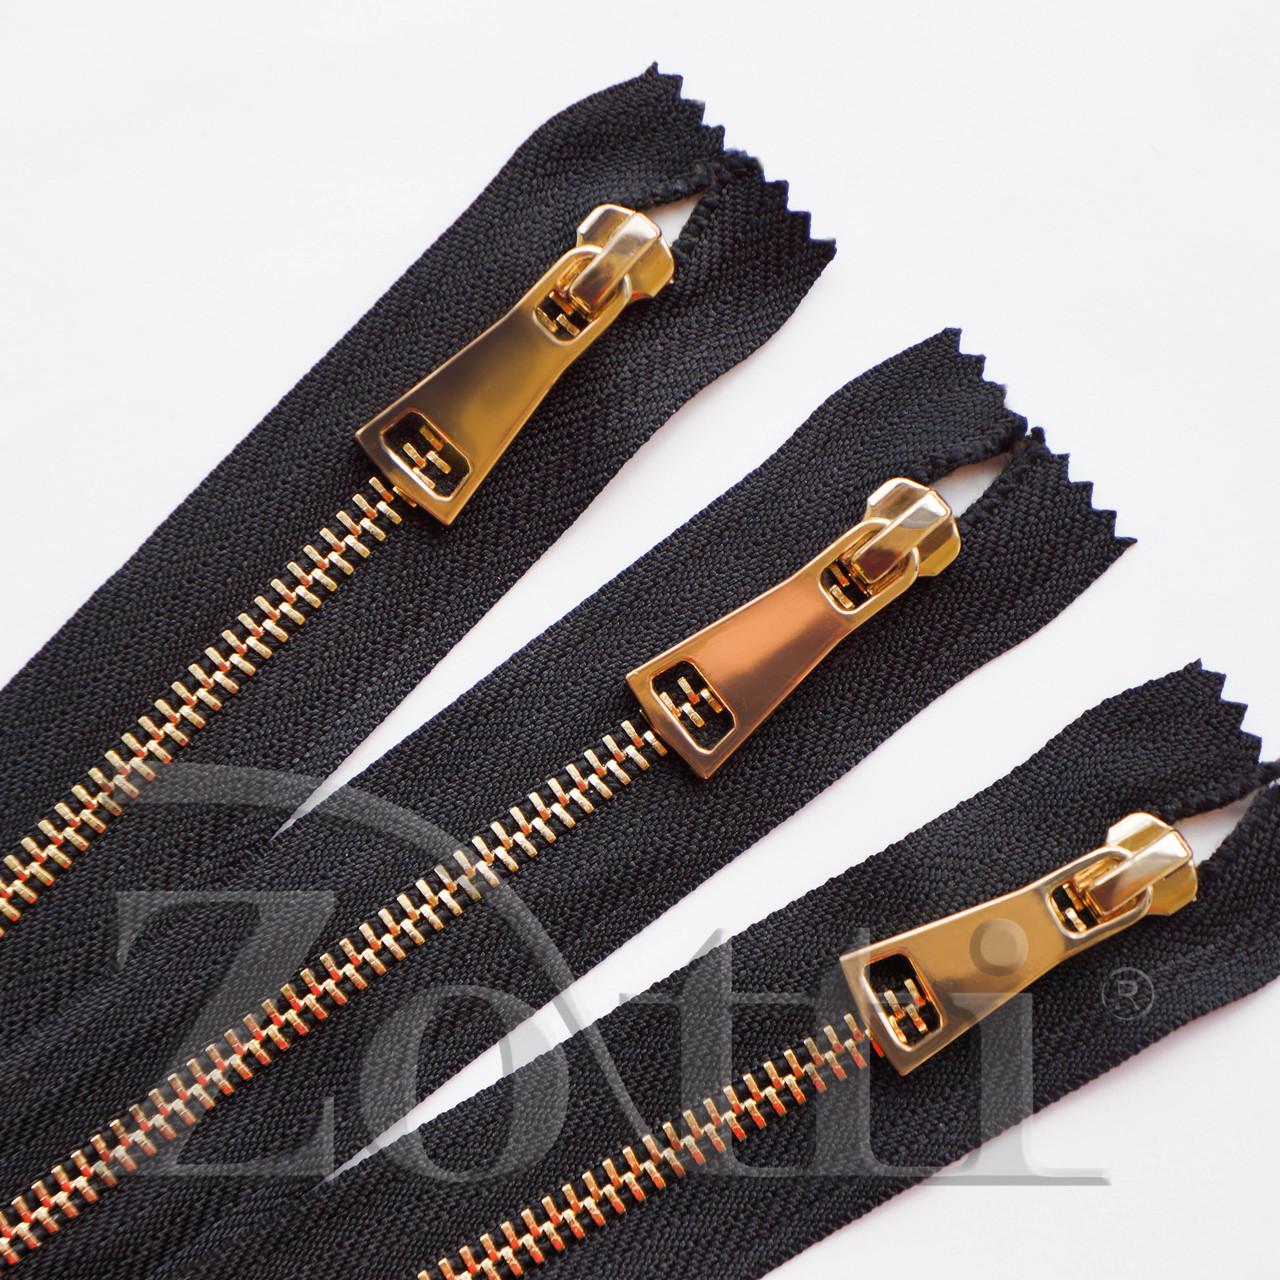 Молния (змейка,застежка) металлическая №5, размерная, обувная, черная, с золотым бегунком № 115 - 35 см